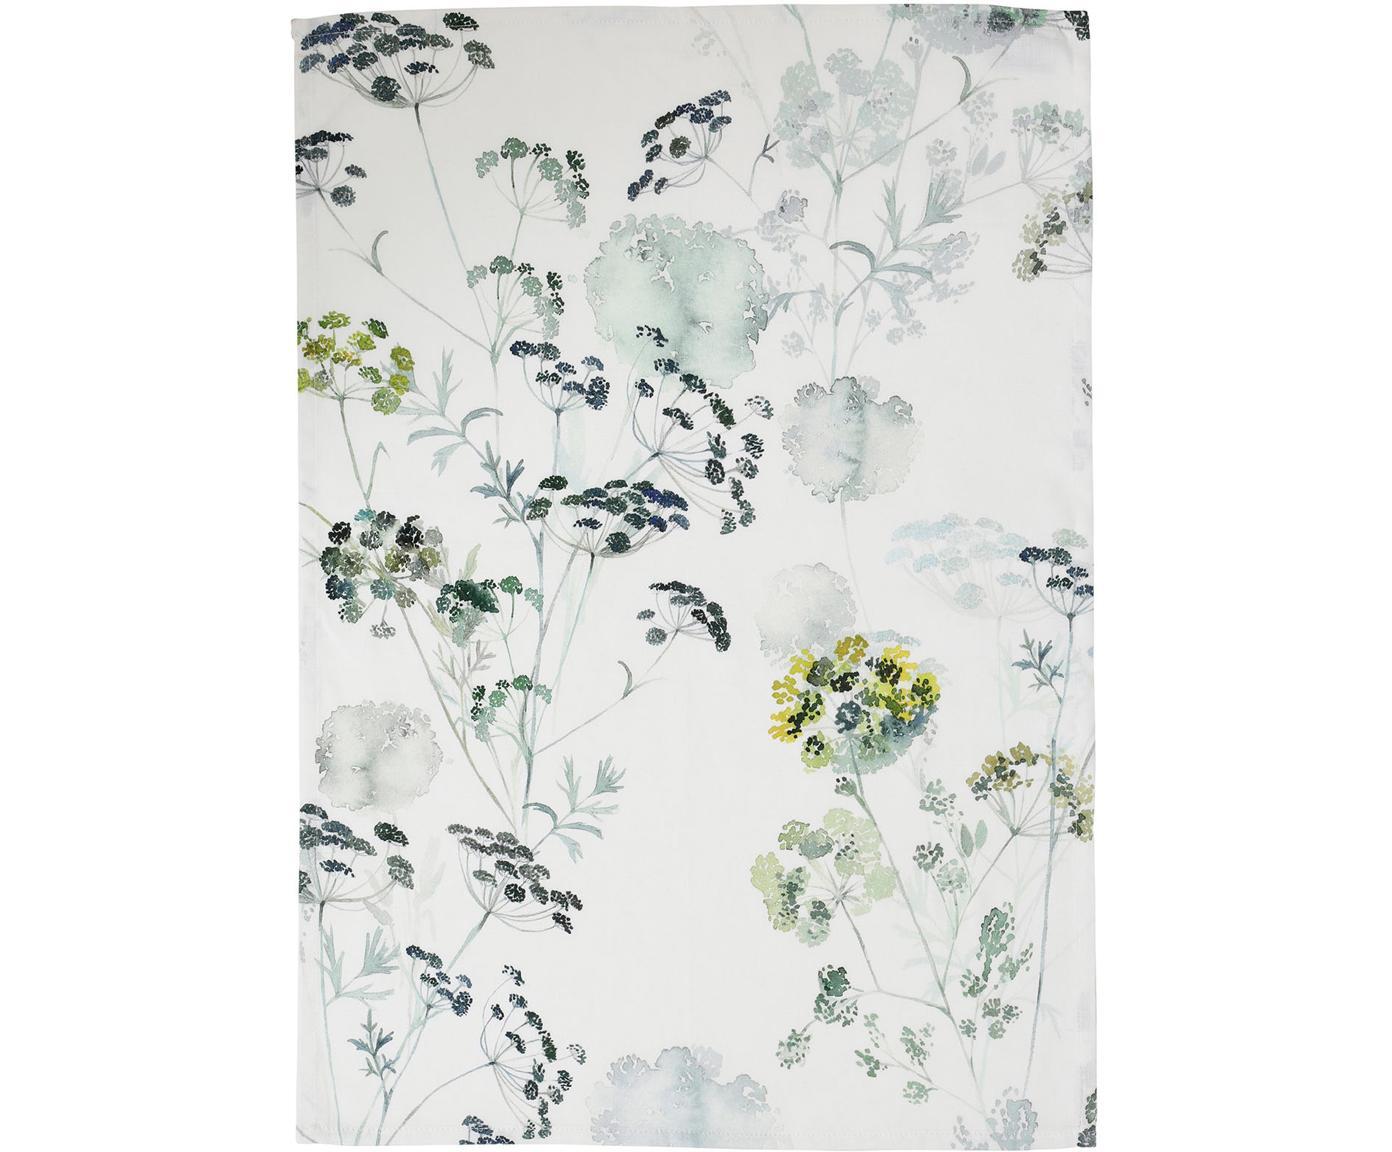 Geschirrtücher Herbier, 2 Stück, Baumwolle, Weiss, Grün, 50 x 70 cm